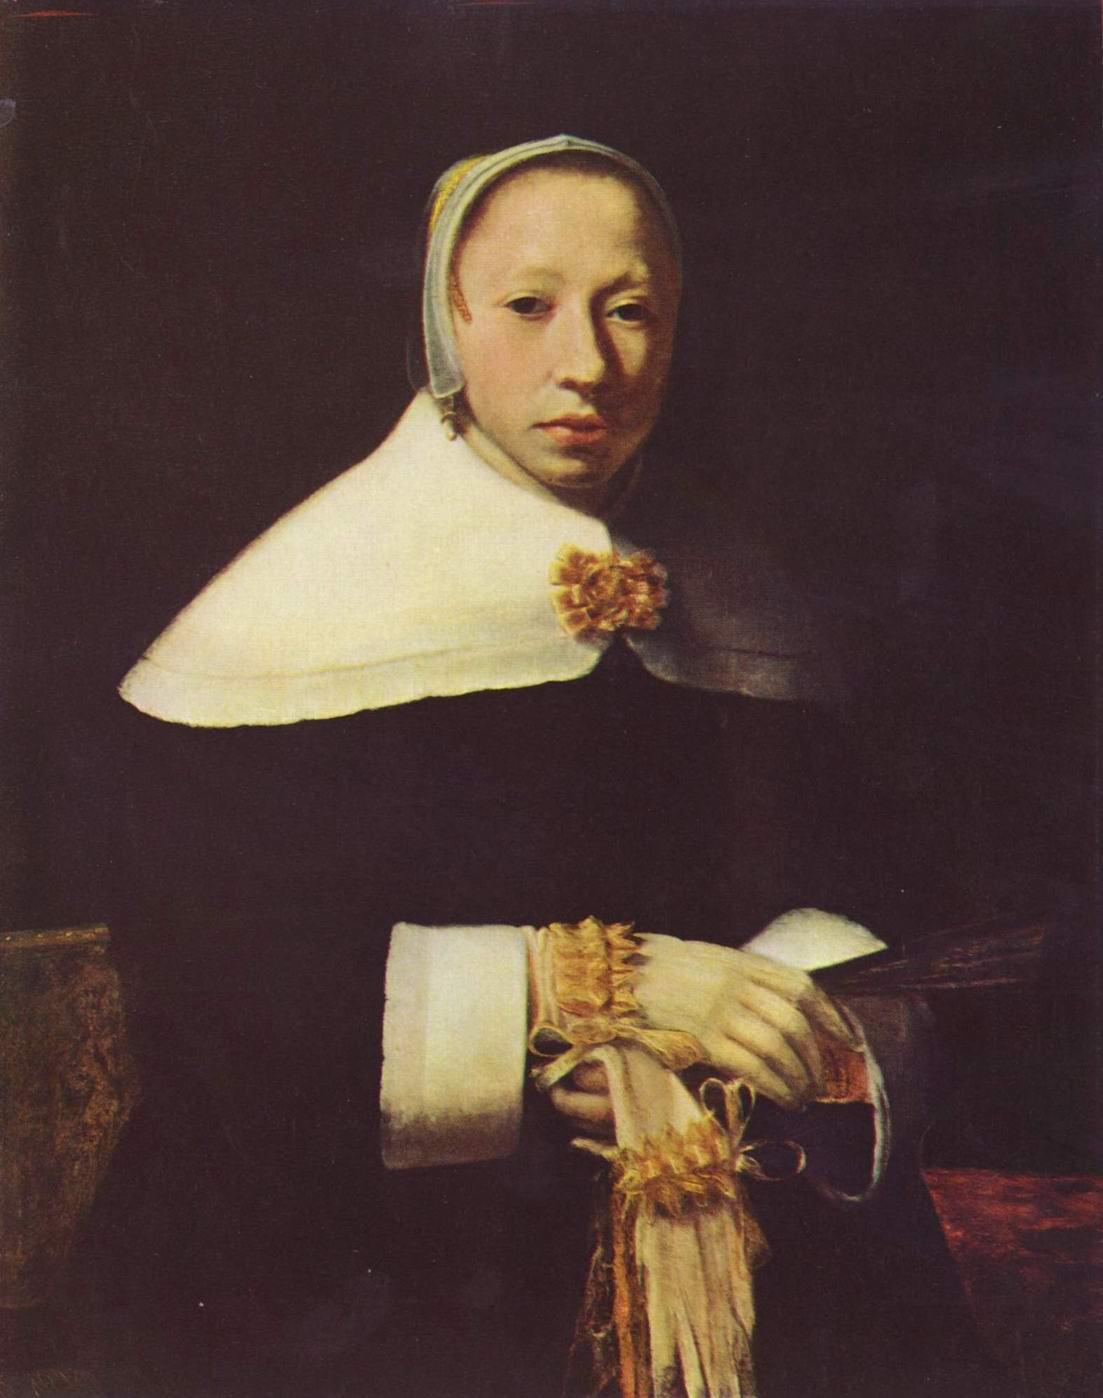 Женский портрет, Ян Вермеер Делфтский